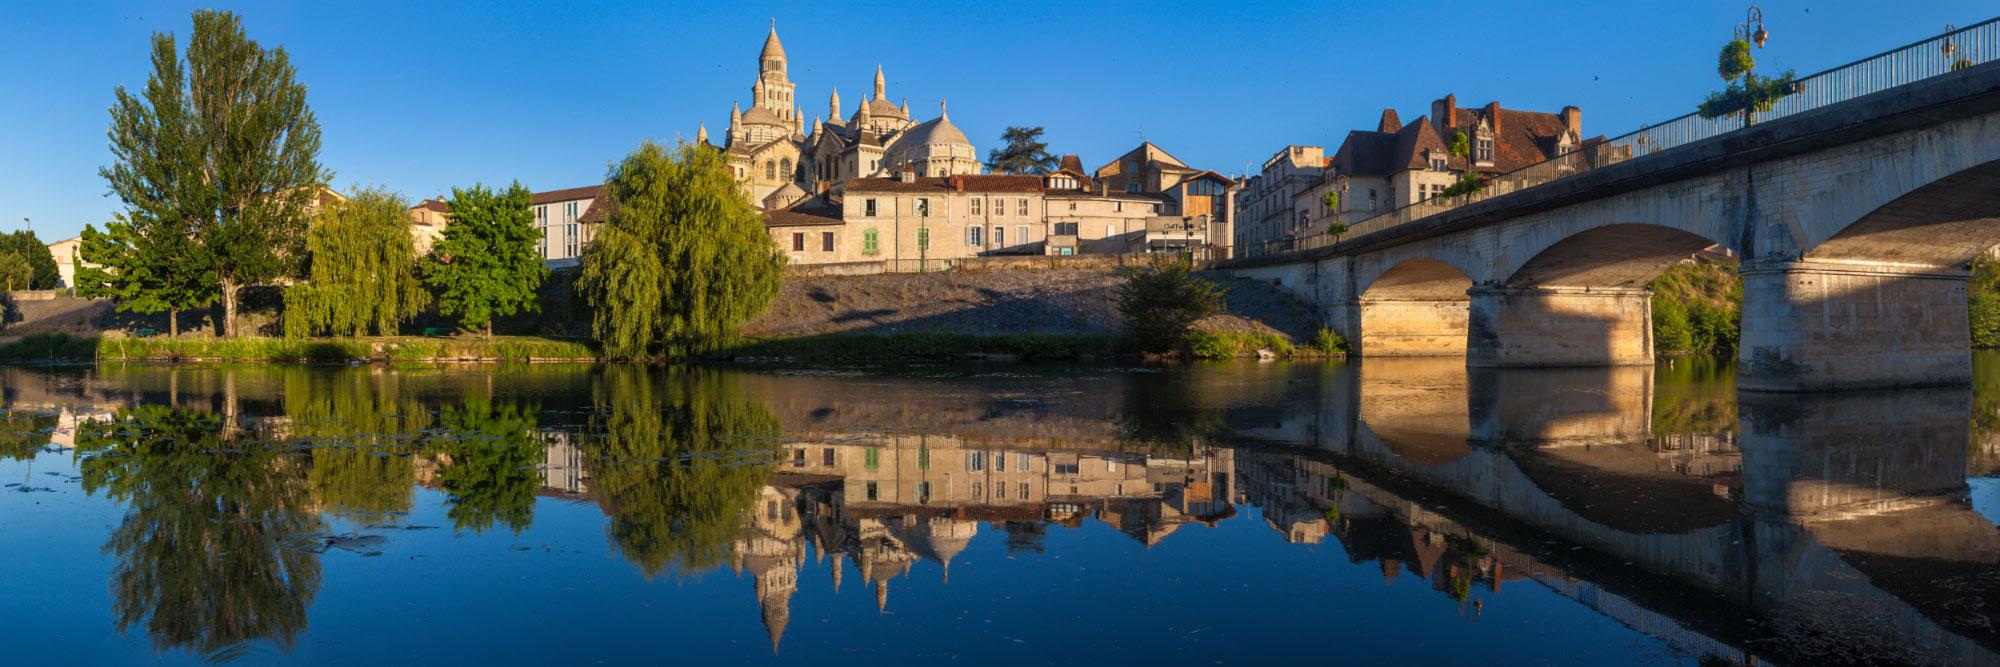 Cathédrale byzantine Saint-Front et Pont des Barris se reflétant dans l'Isle, Périgueux